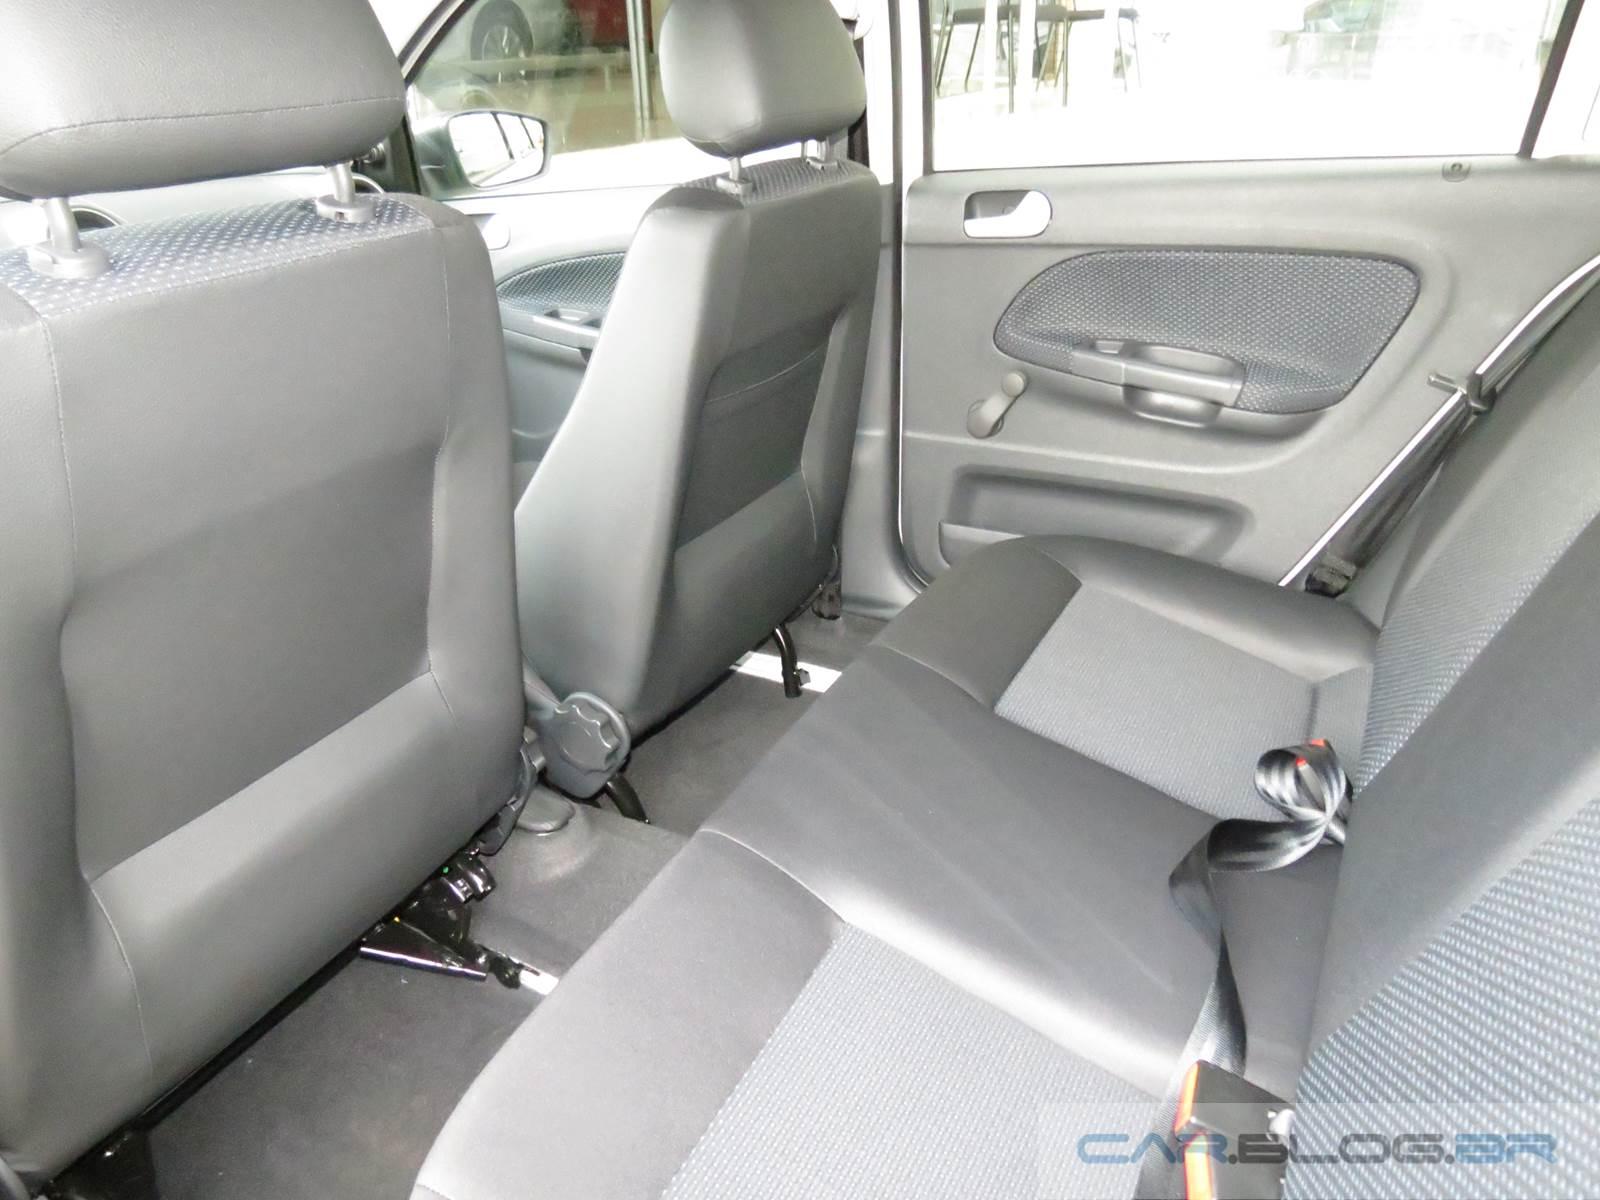 VW Gol 1.0 2015 x Chery Celer 1.5 Flex - espaço interno